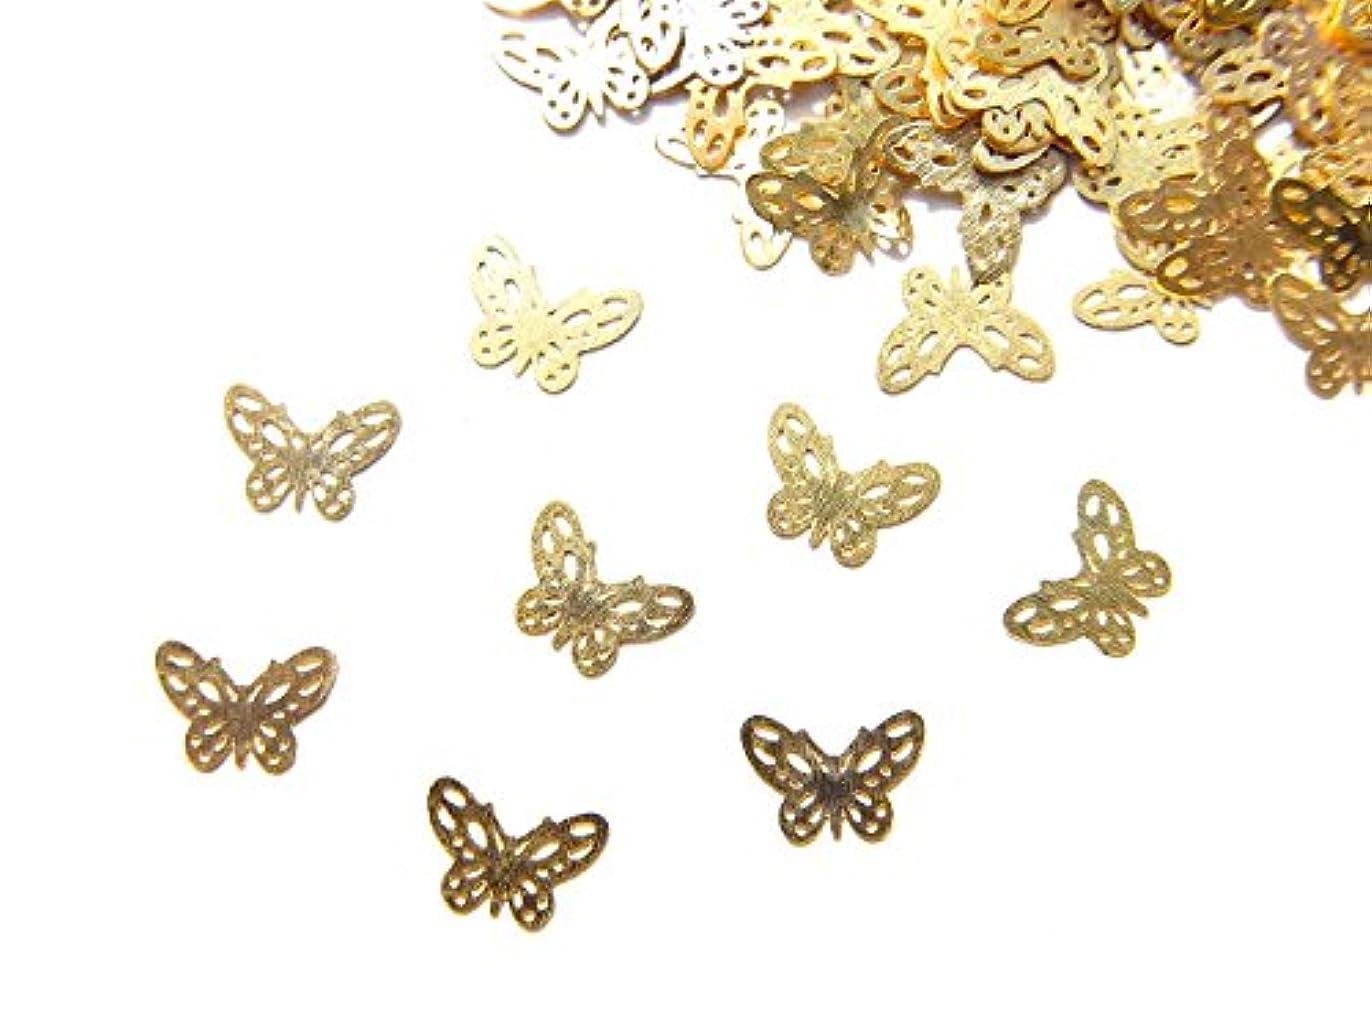 手荷物わがまま力【jewel】ug25 薄型ゴールド メタルパーツ Sサイズ バタフライ 蝶 B 10個入り ネイルアートパーツ レジンパーツ